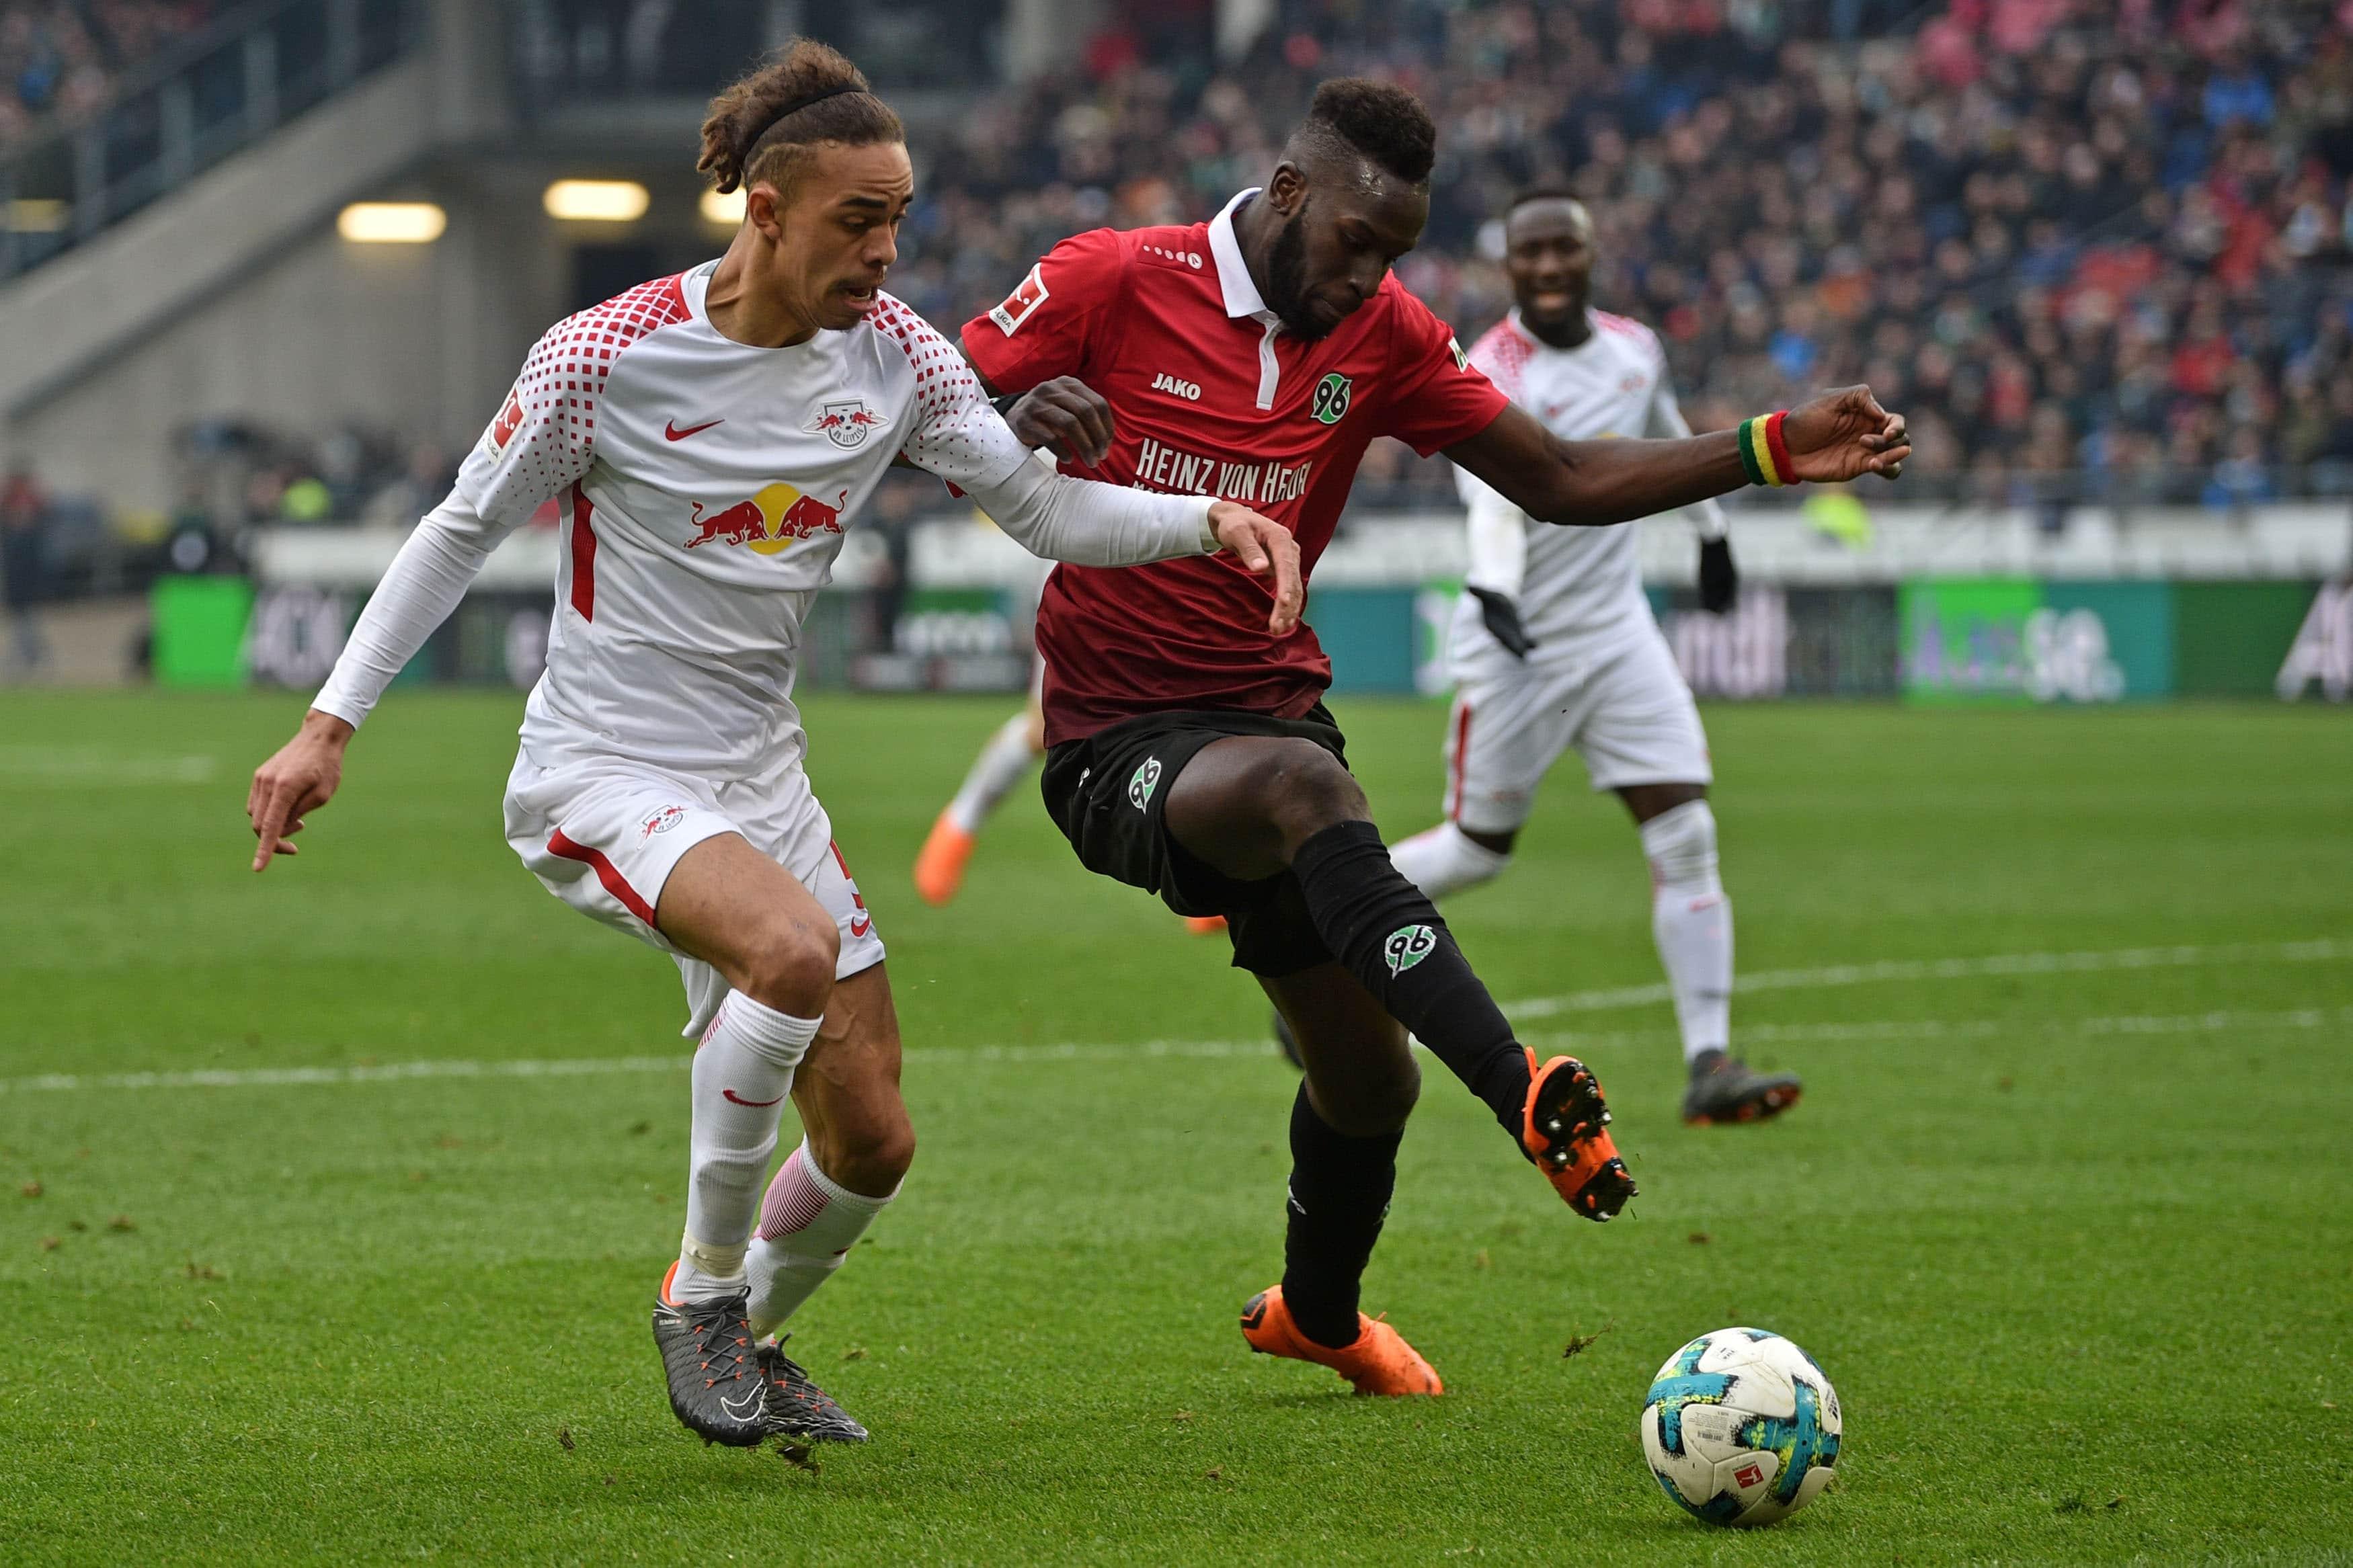 Hannover 96 v RB Leipzig - Bundesliga